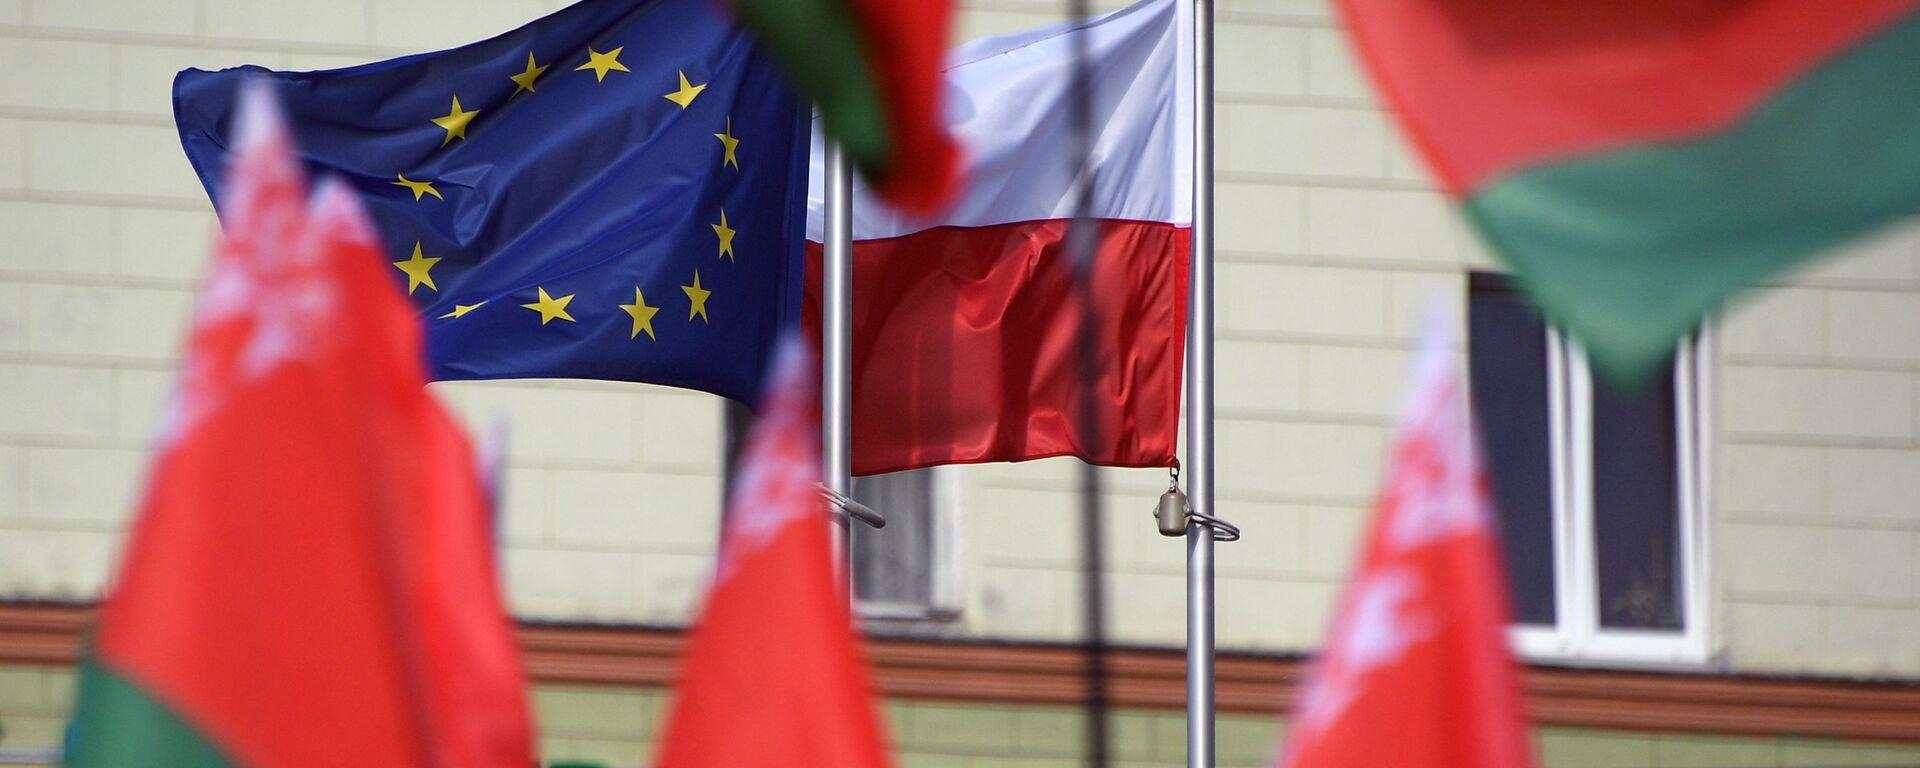 Flagi Białorusi, Polski i UE przed Ambasadą RP w Mińsku. - Sputnik Polska, 1920, 10.03.2021